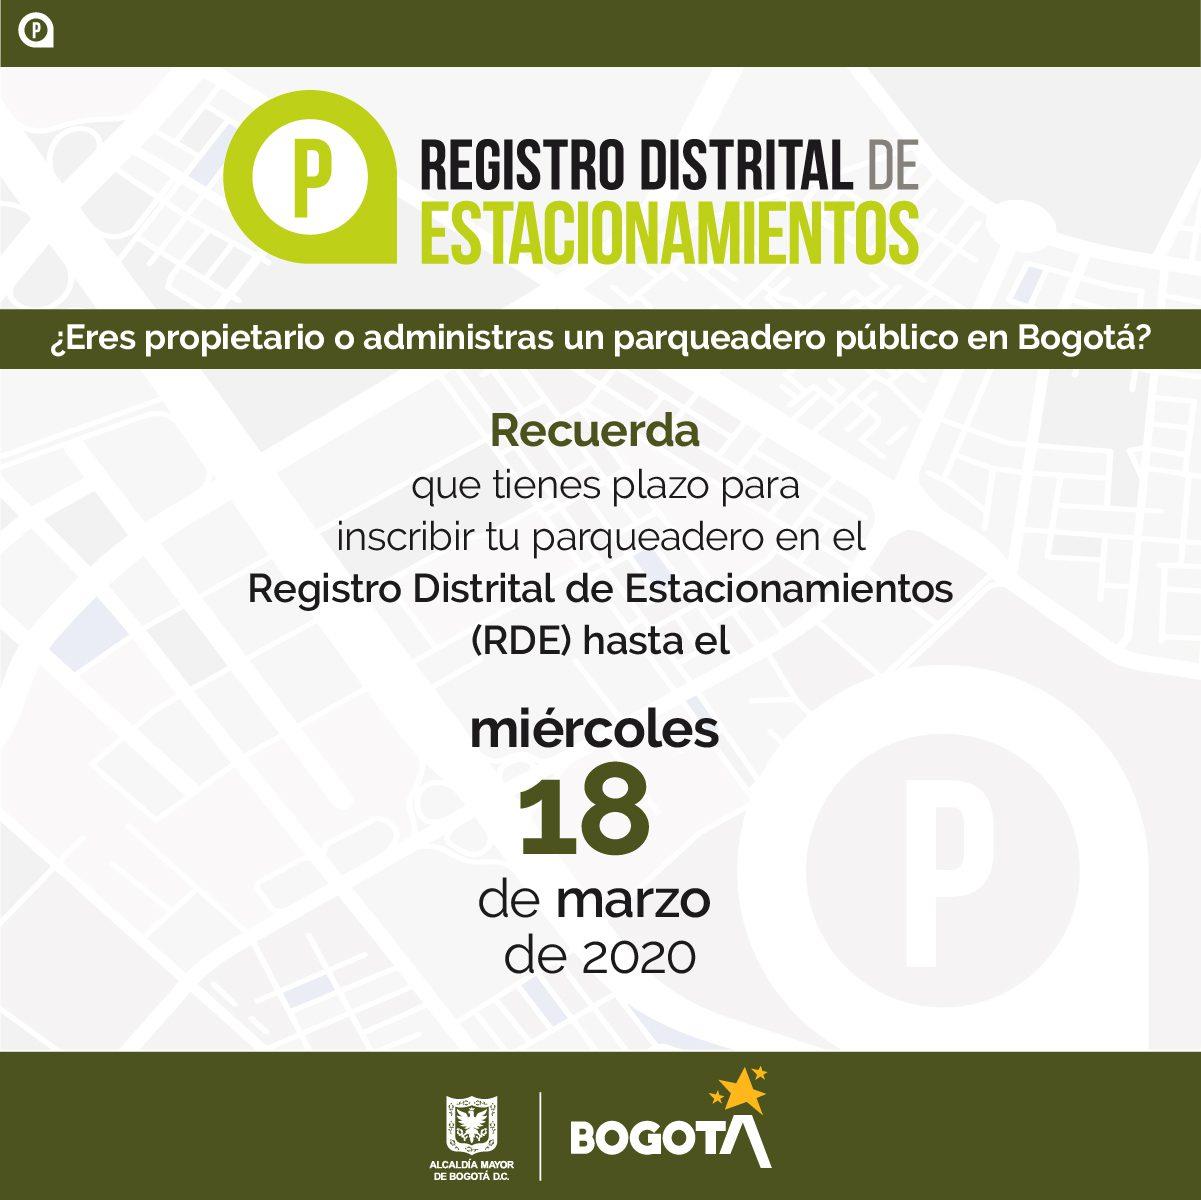 El 18 de marzo vence plazo para que los parqueaderos públicos de Bogotá se inscriban en el Registro Distrital de Estacionamientos (RDE)